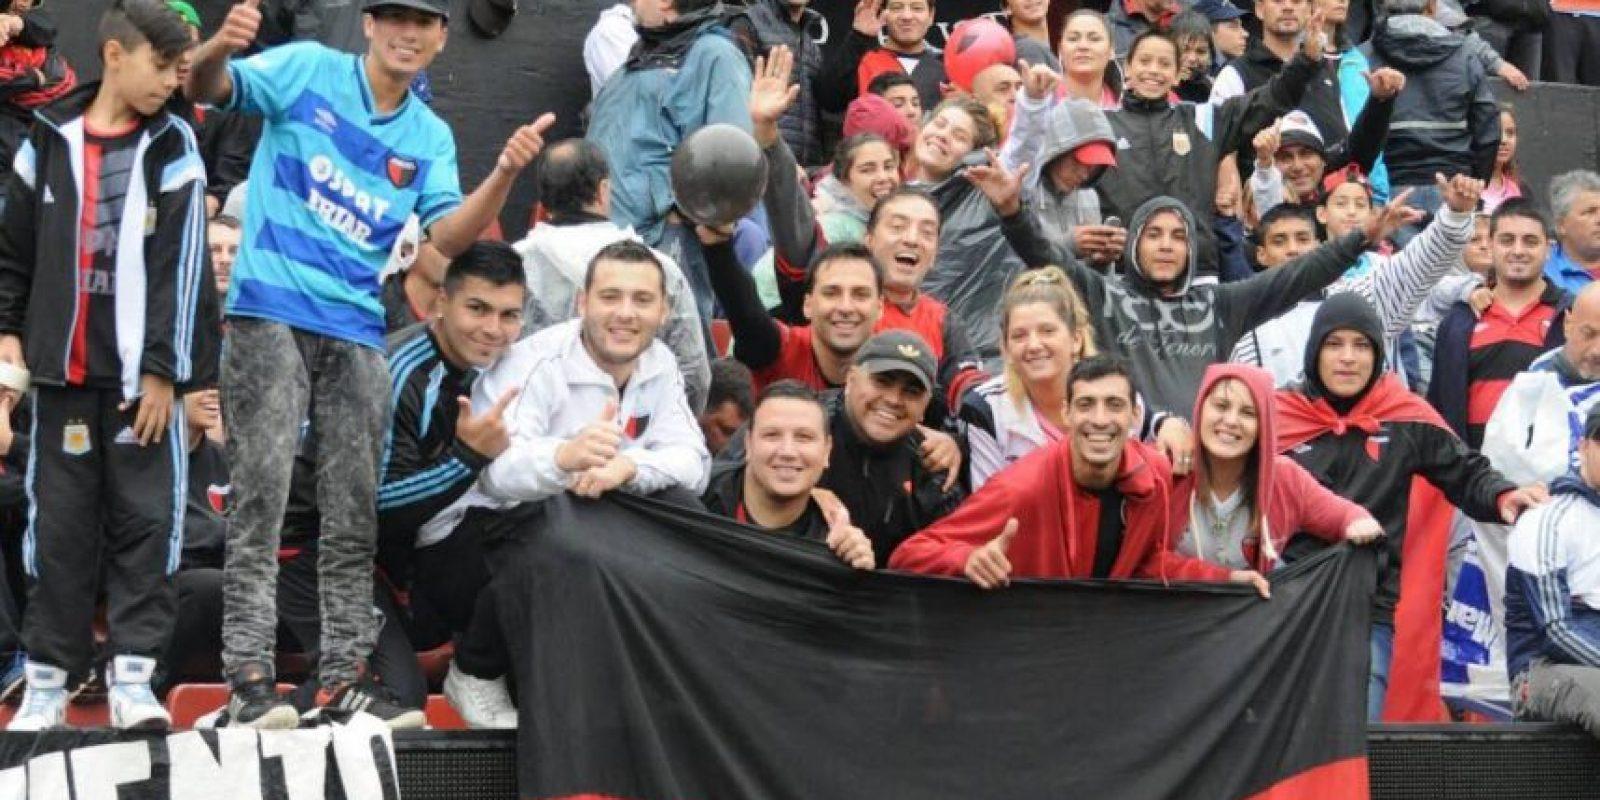 Y sus hinchas están muy molestos con los jugadores, a quienes ya llegaron a agredir. Foto:Vía facebook.com/ColonOficial